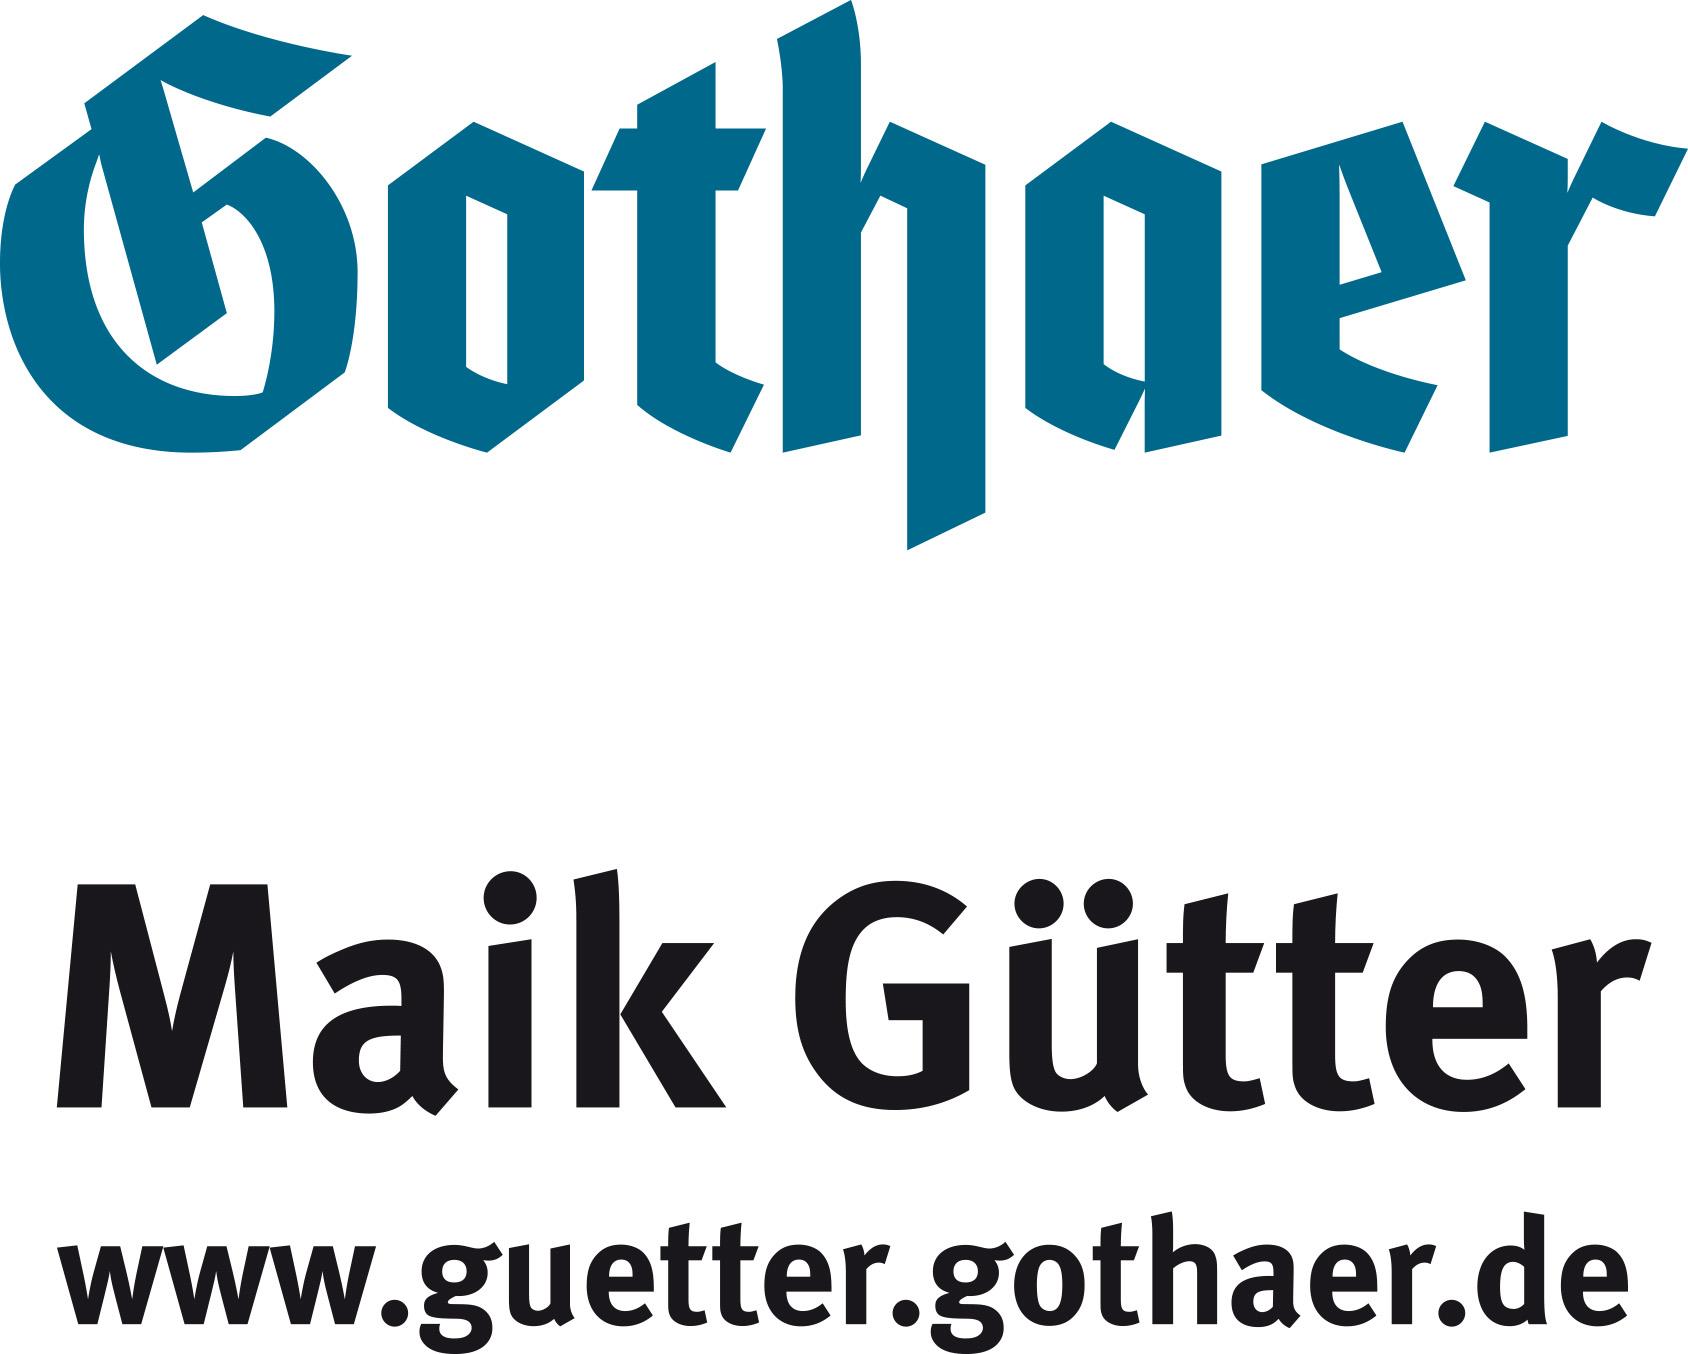 Maik Guetter